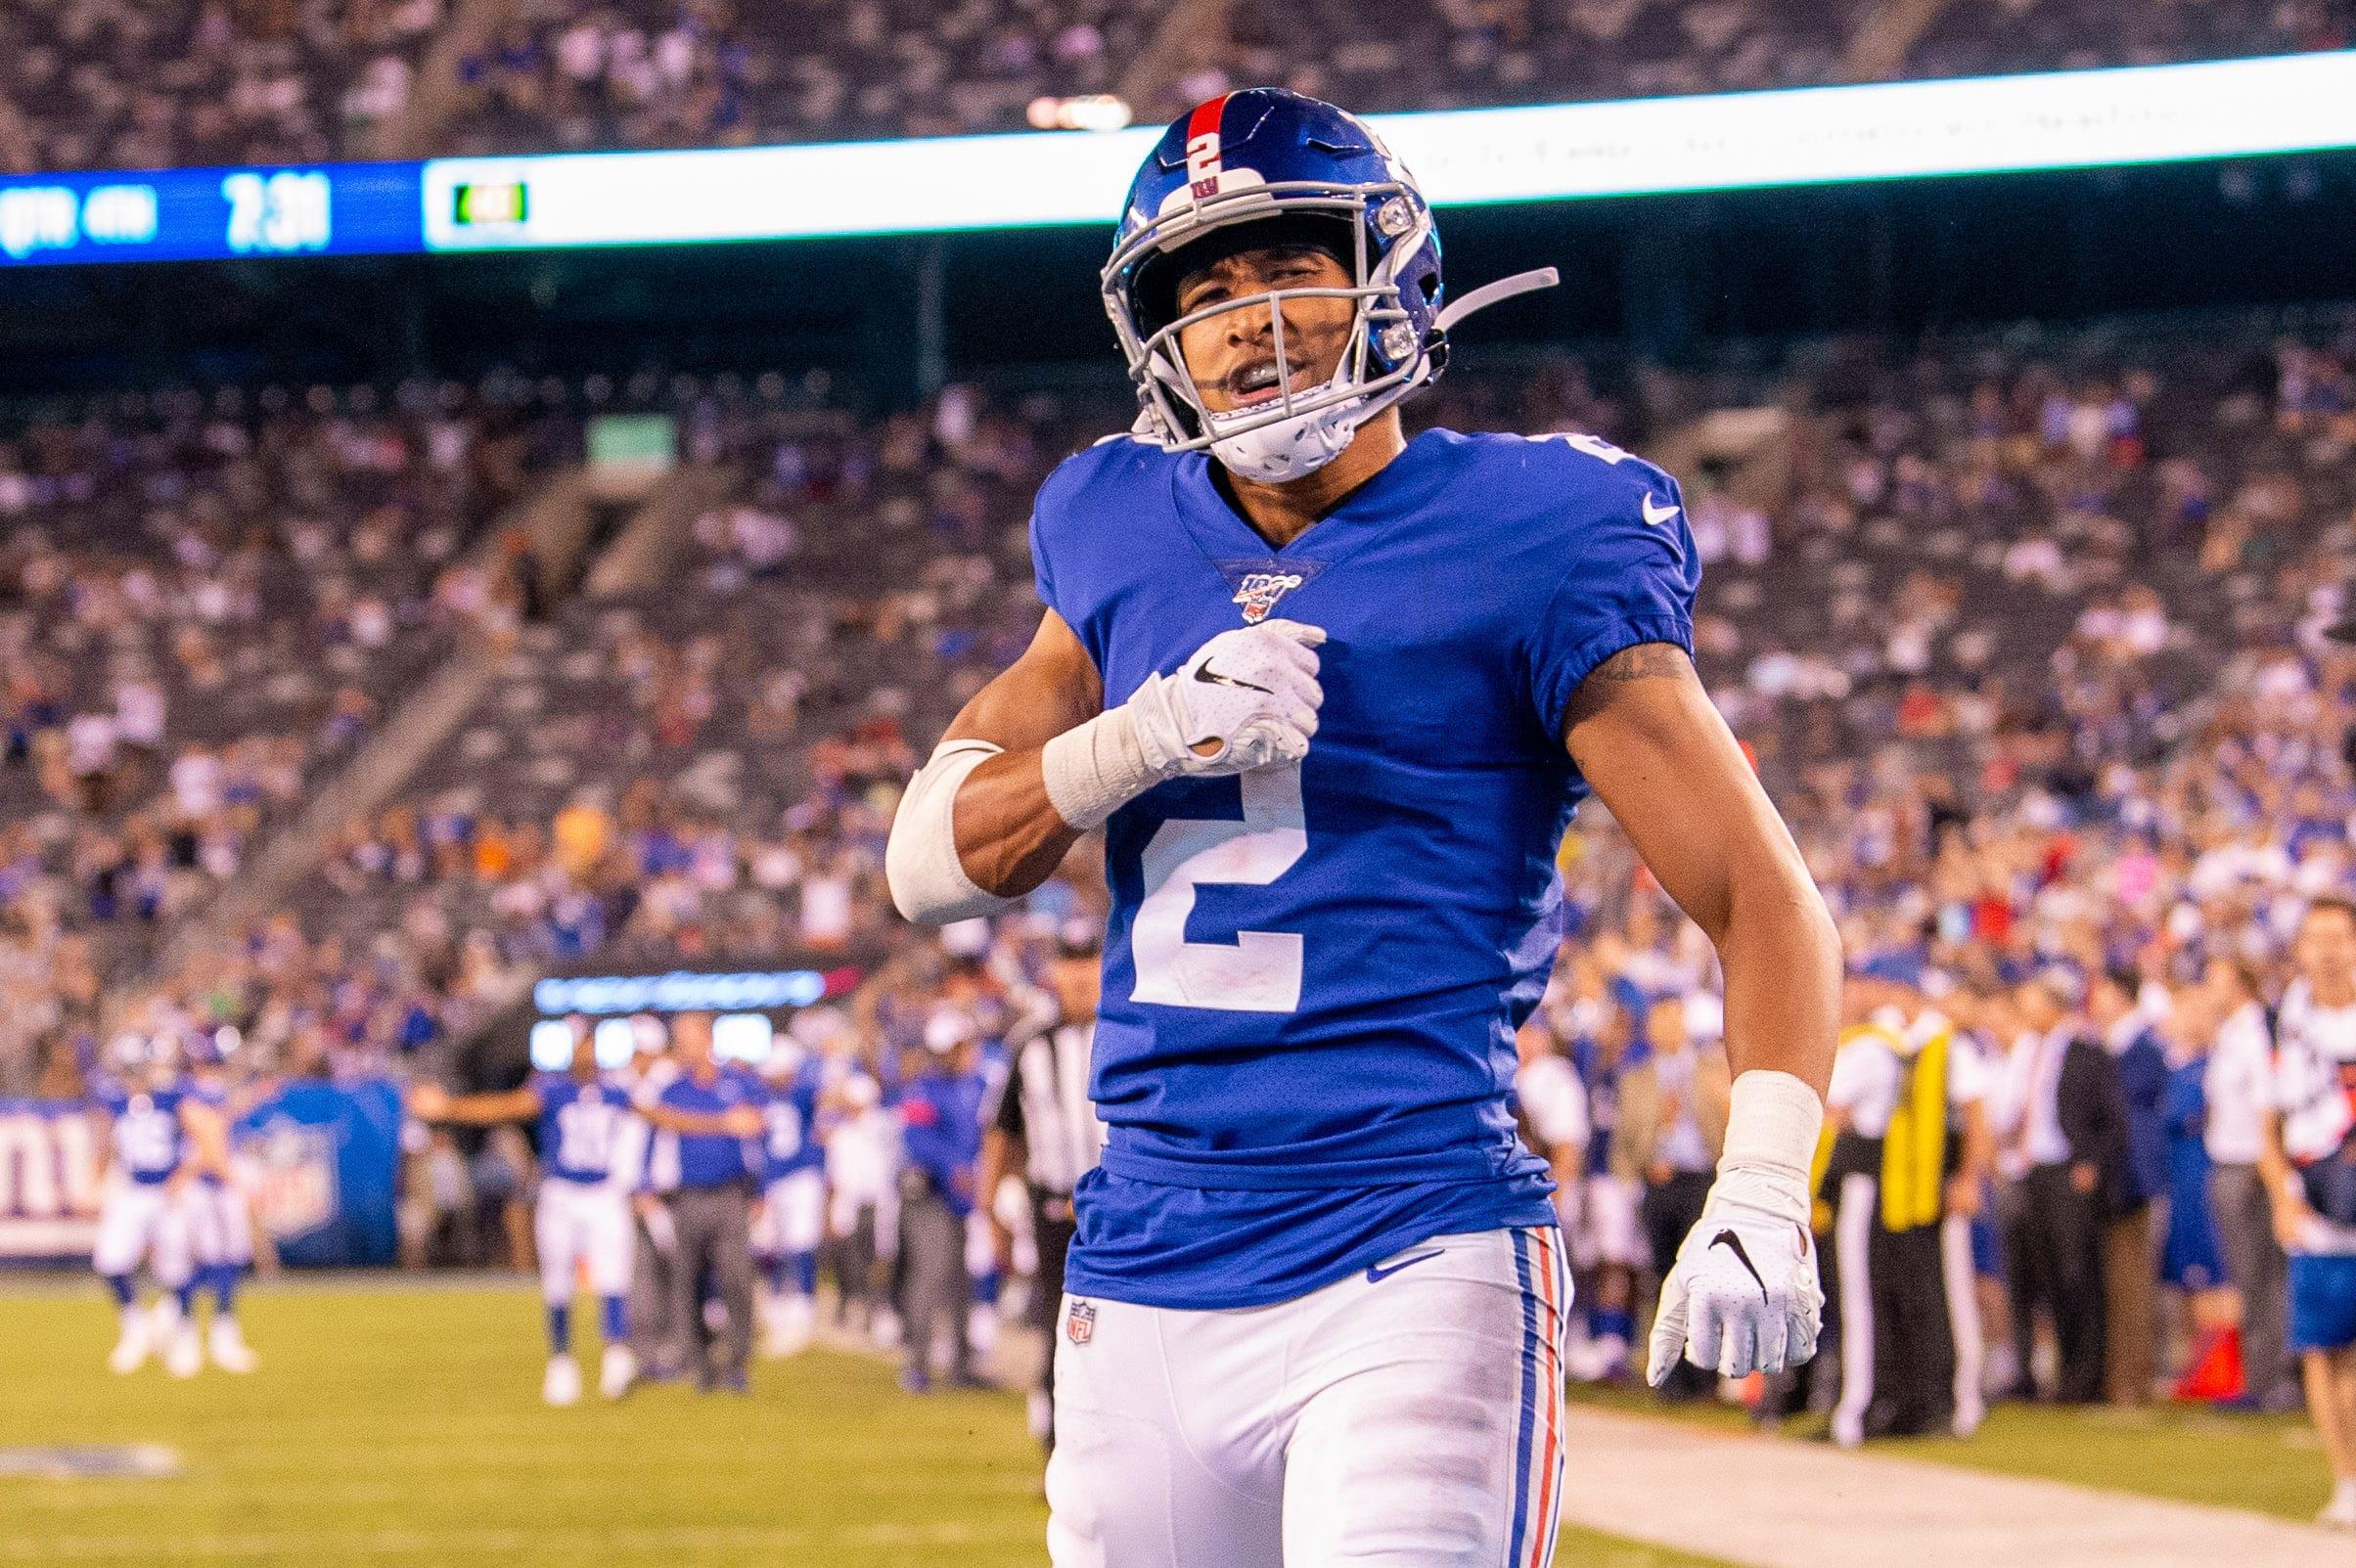 T.J. Jones, New York Giants